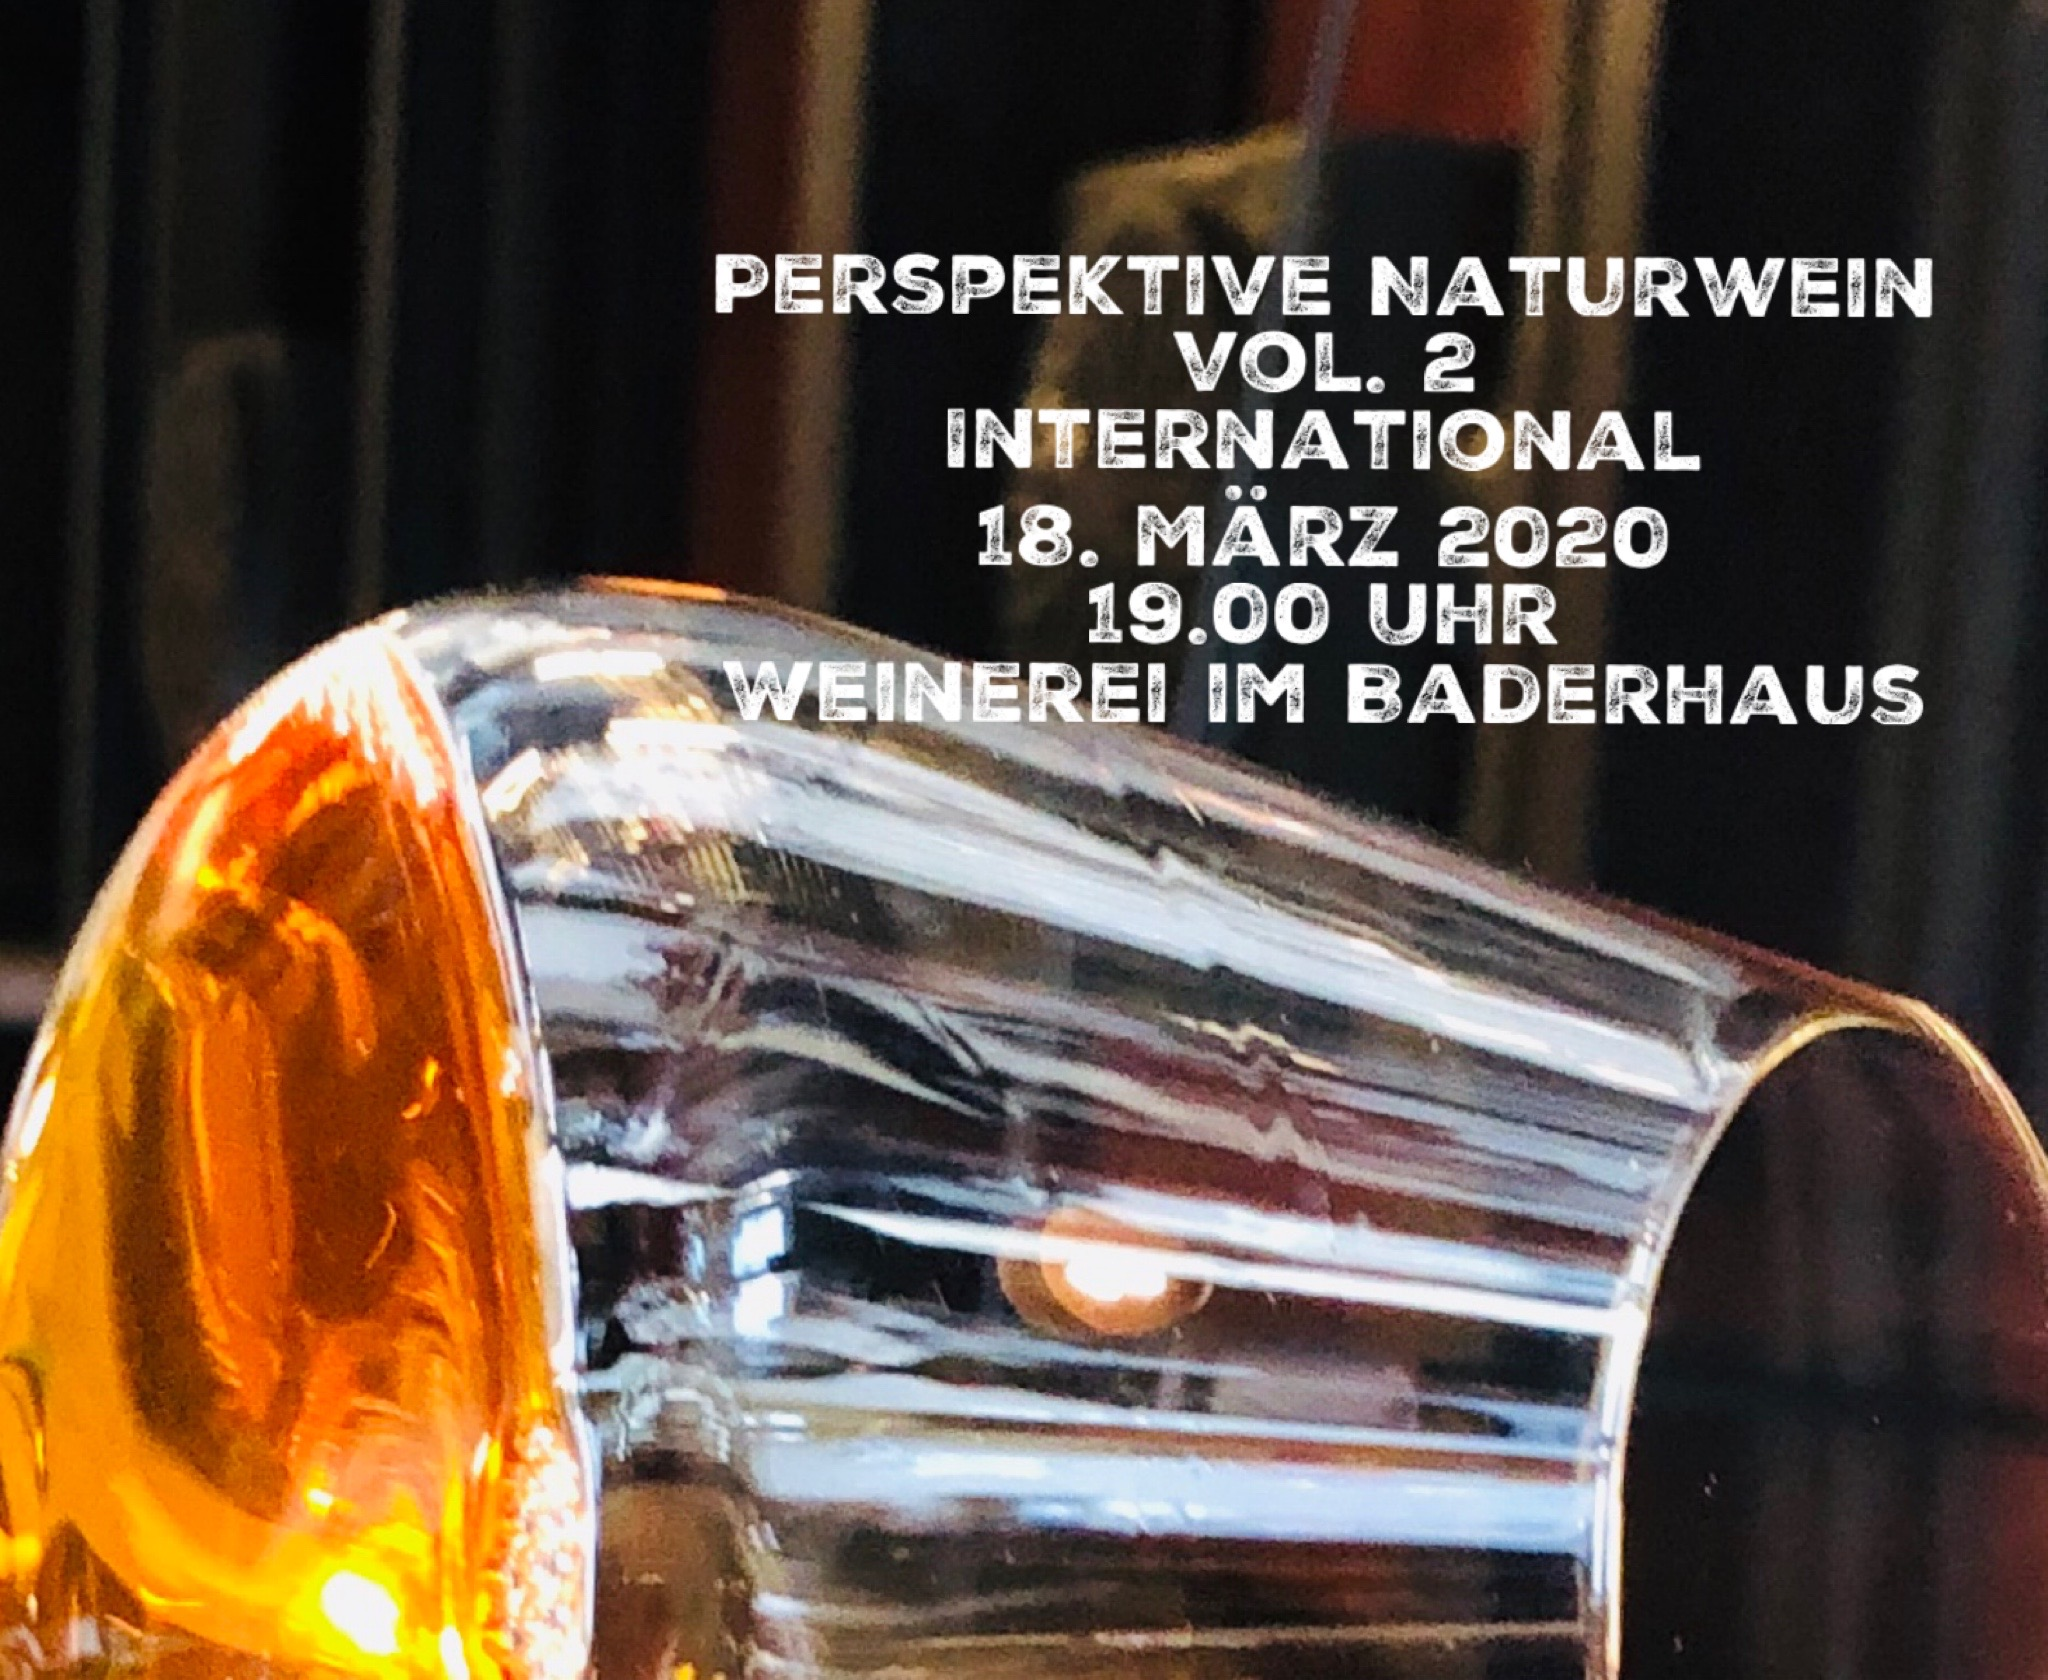 Perspektive Naturwein Vol. 2 International 18. März 2020